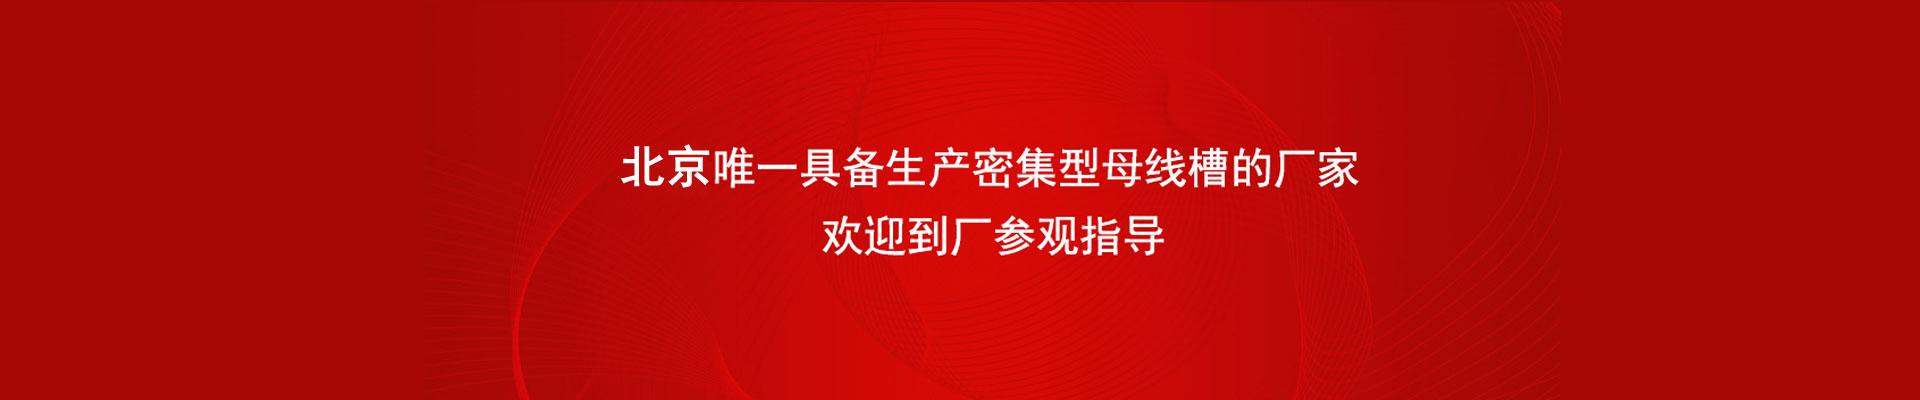 邯郸市邯郸县封闭母线槽,邯郸市邯郸县密集母线槽